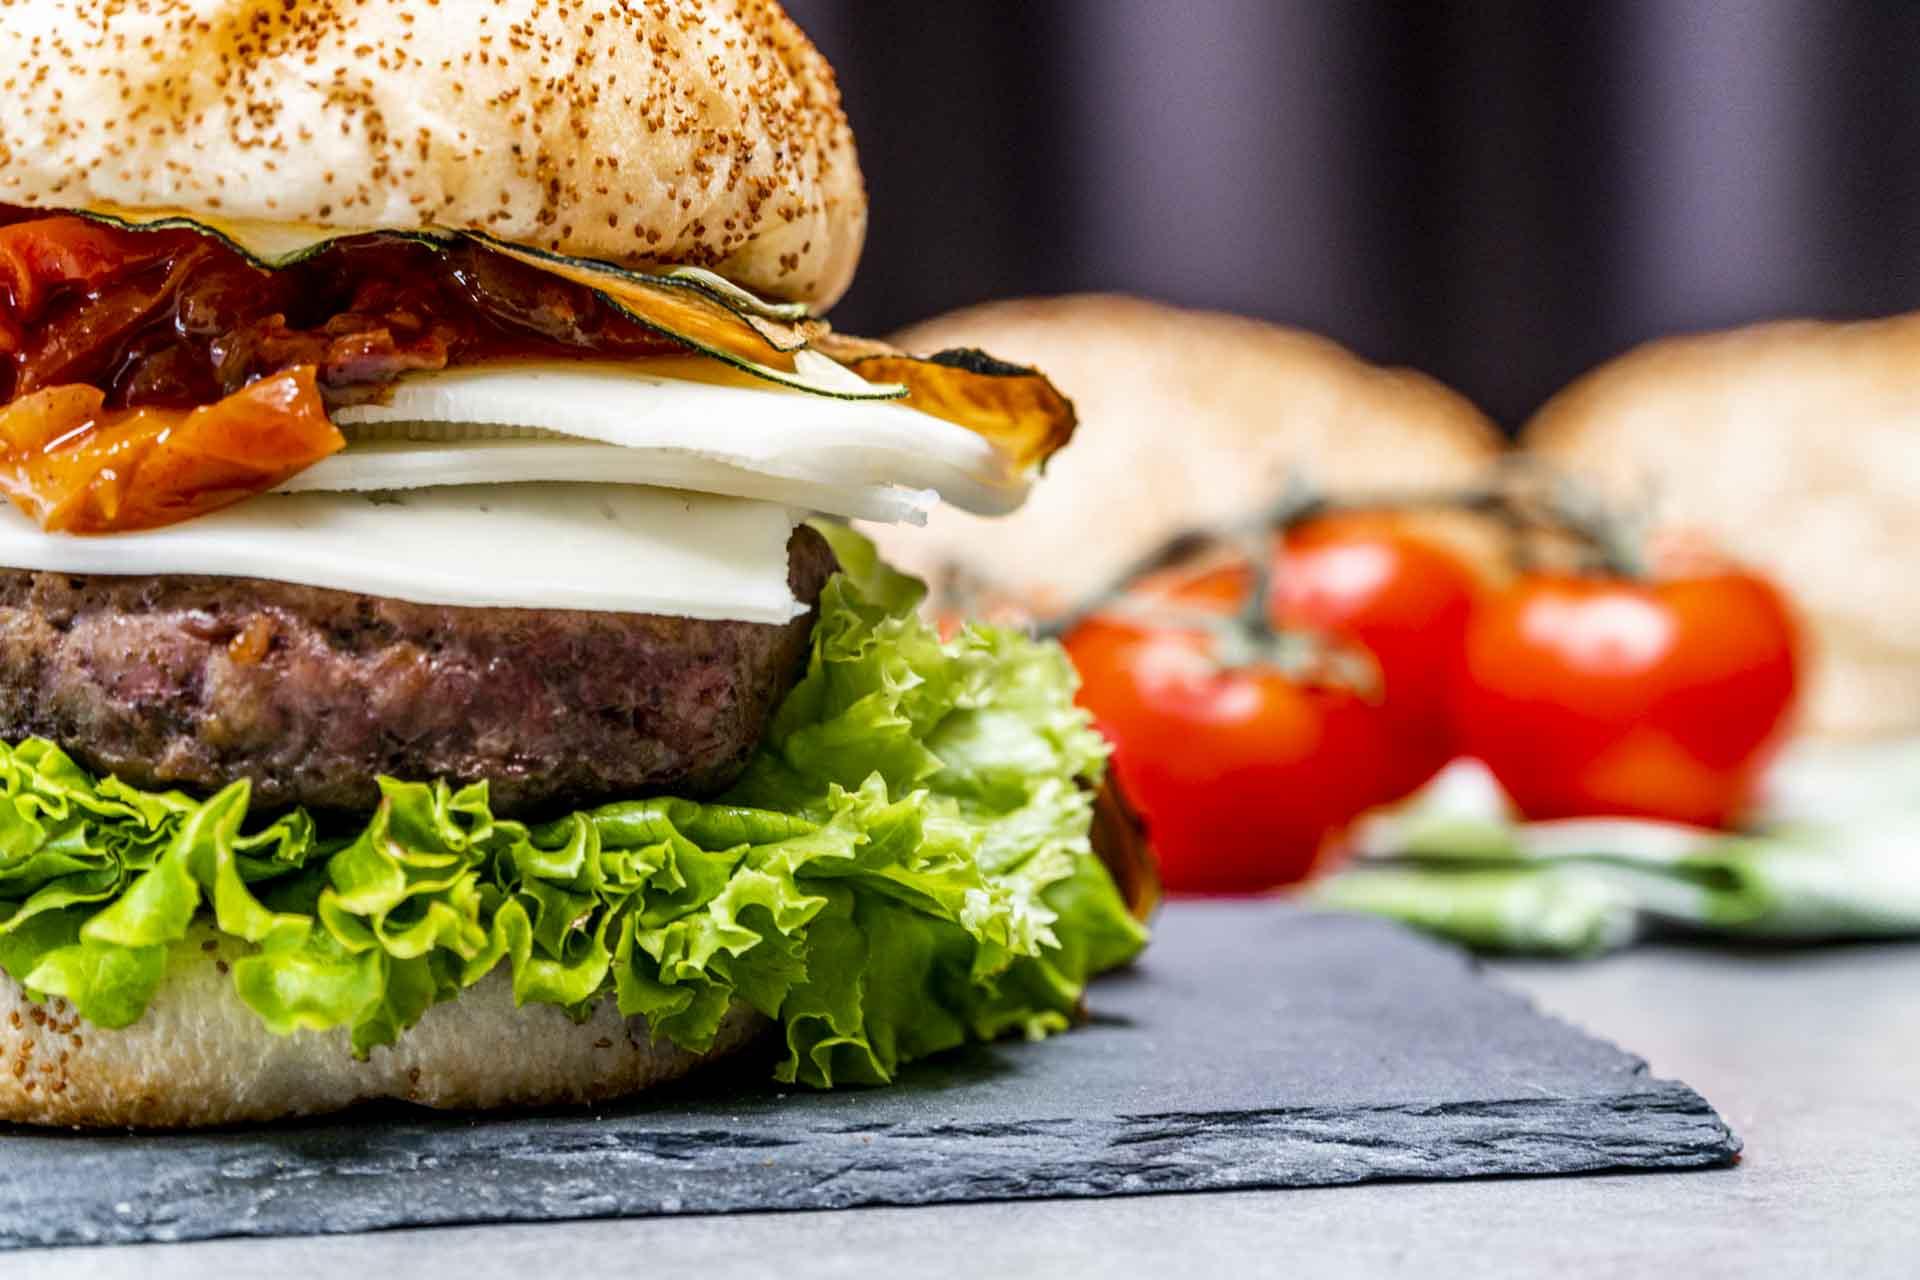 Receta de María Alcázar de hamburguesa ecológica con chutney de tomates cherry y chips de calabacín / Foto: Juan Carlos Pérez